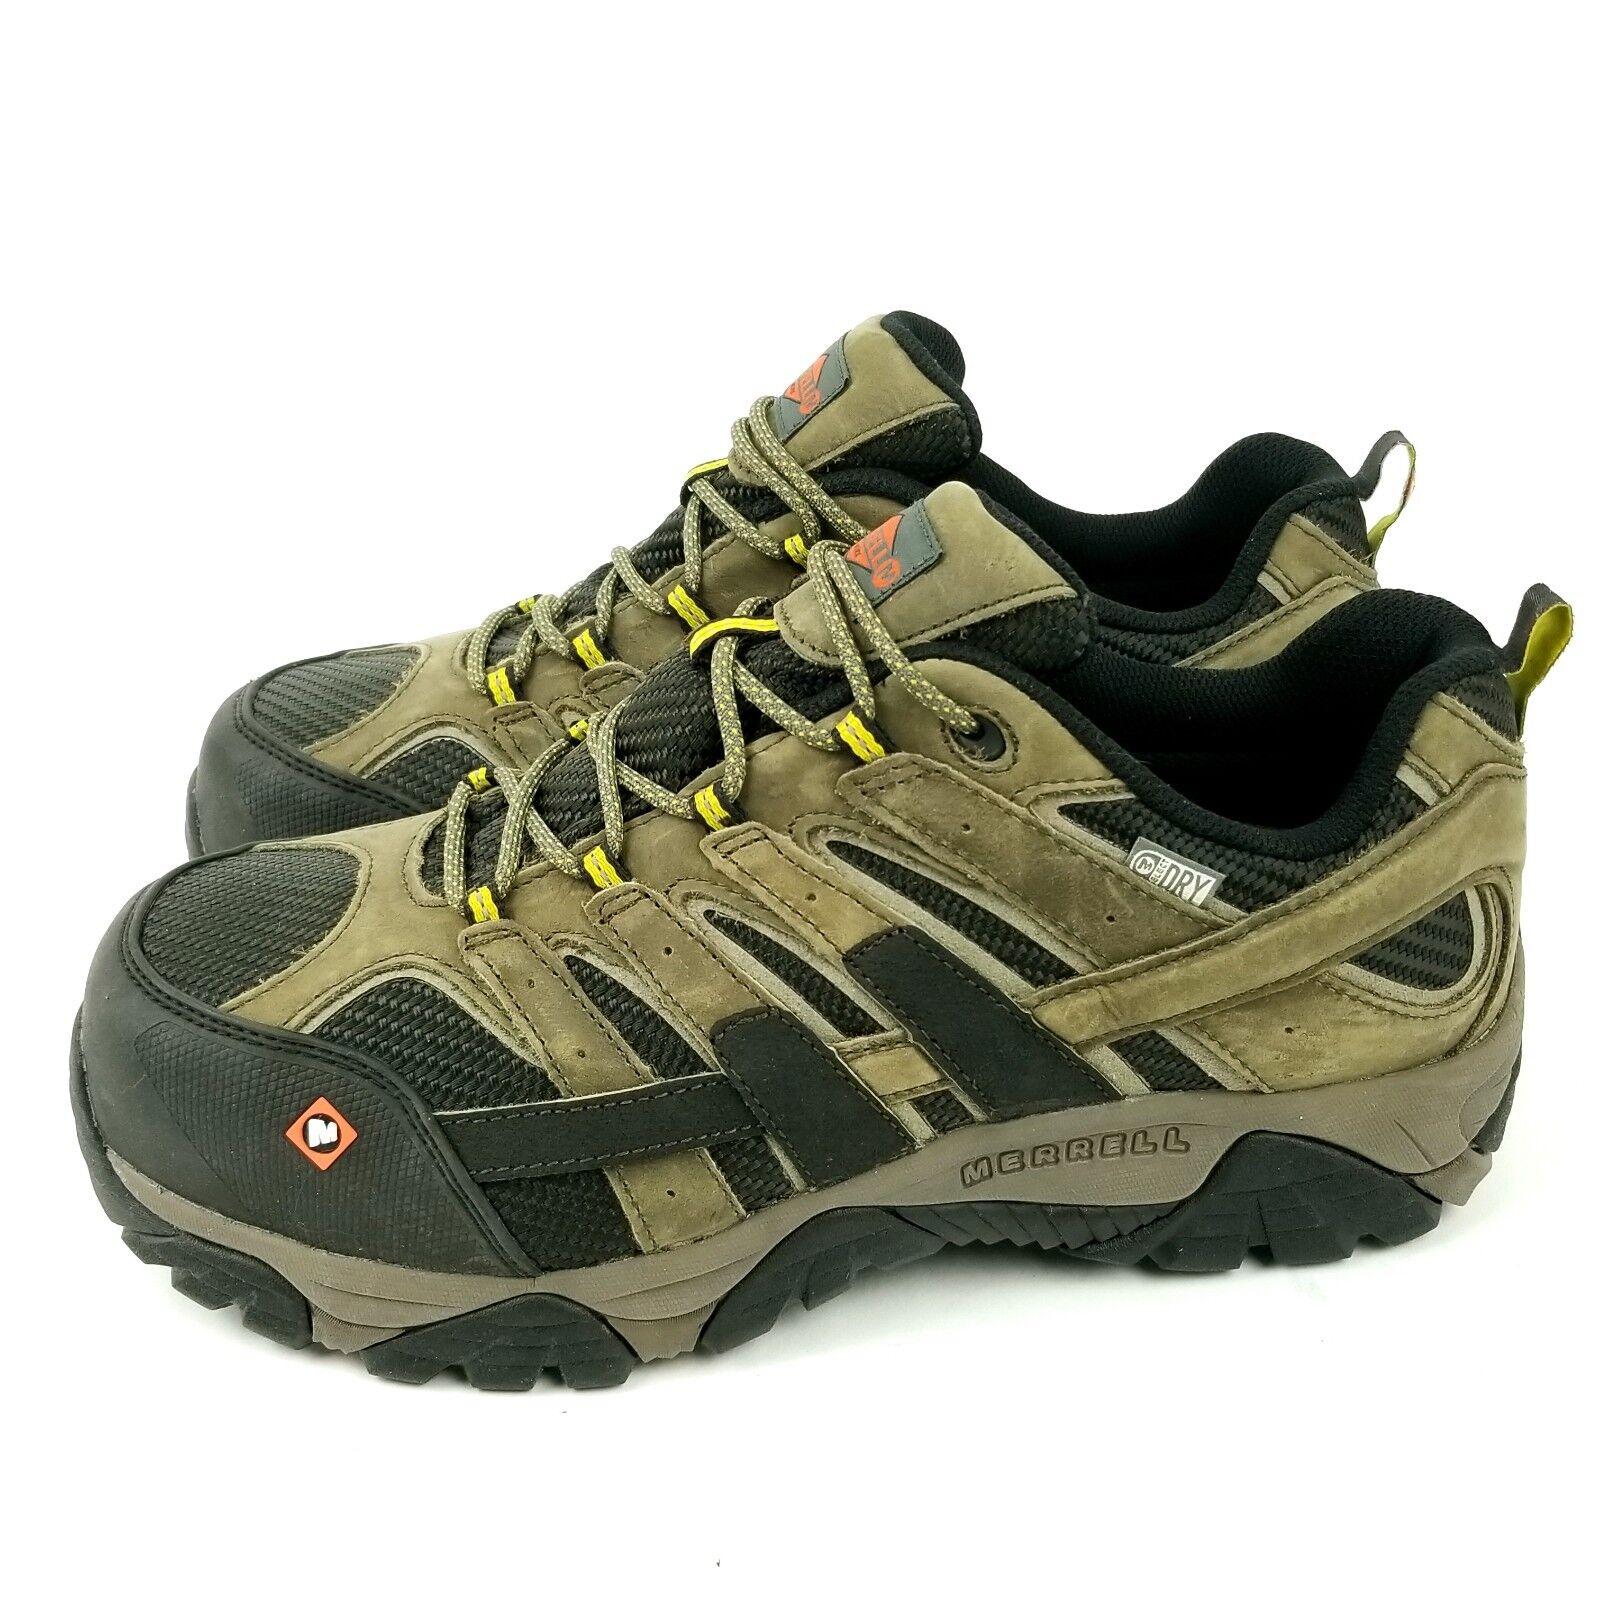 Merrell Moab 2 ventilación para hombre Impermeable Zapato De Trabajo Con Puntera De Seguridad De Acero Comp